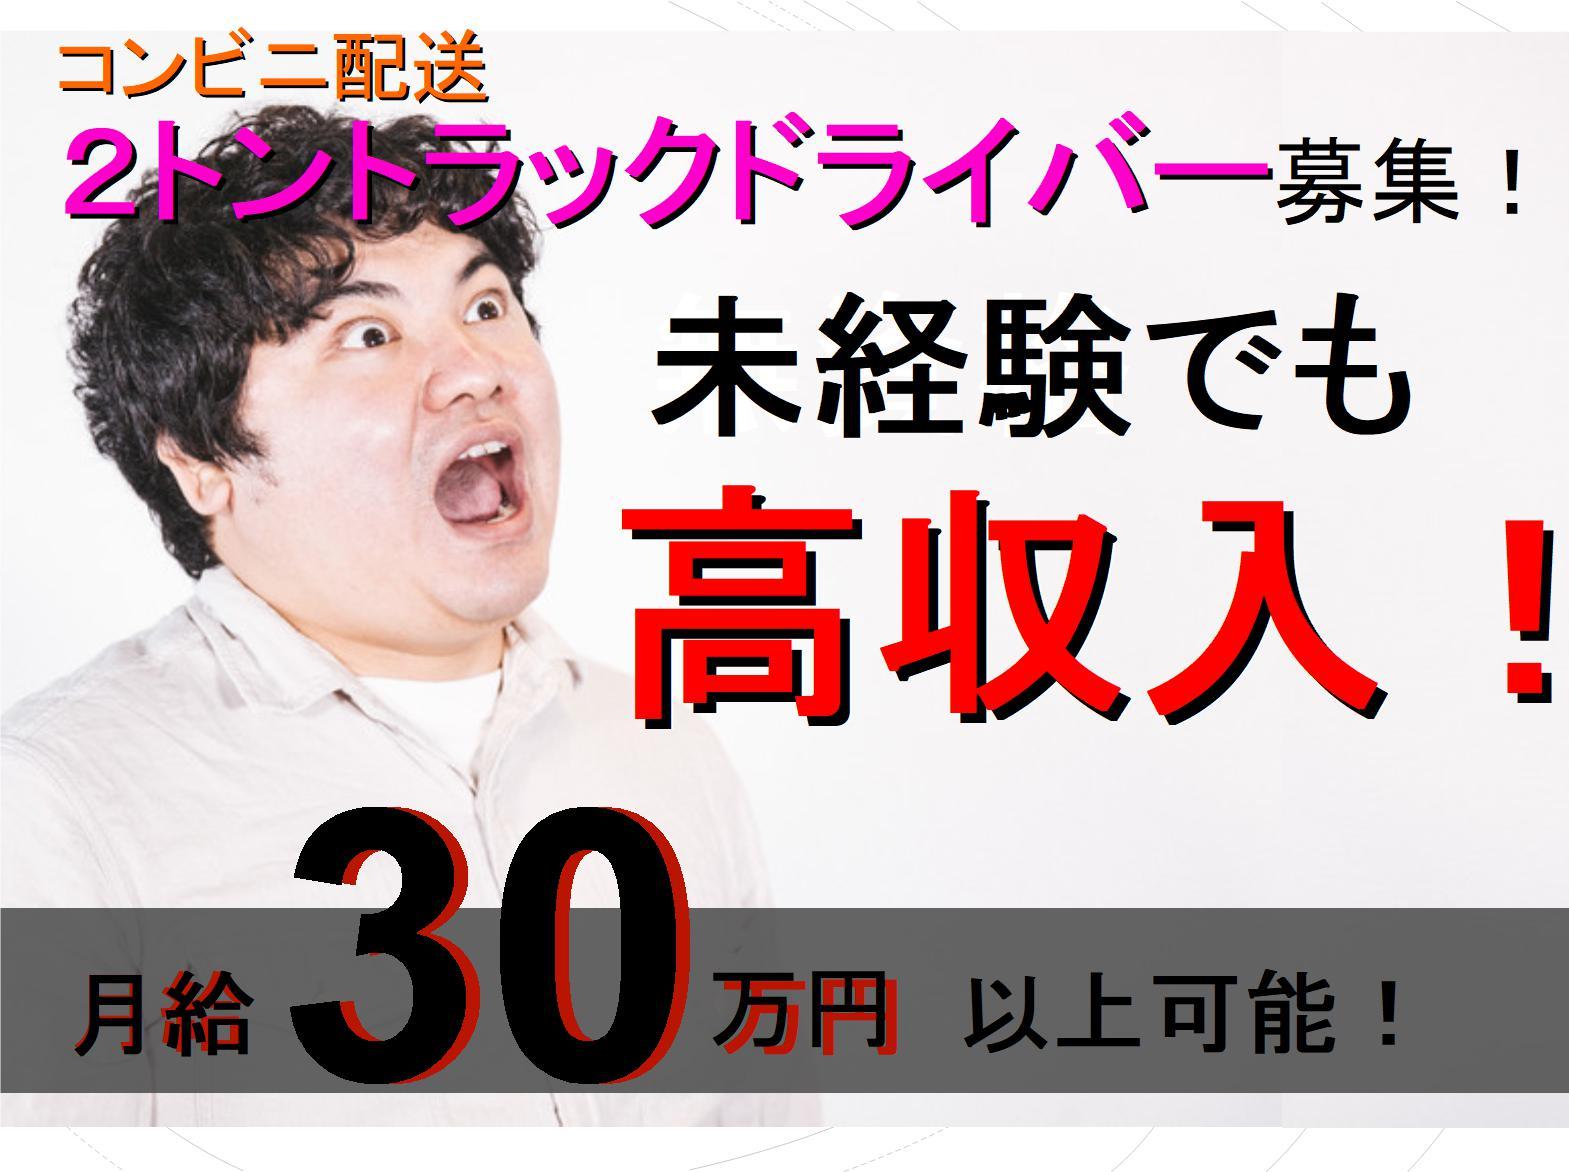 月30万円以上可能!完全週休2日制!コンビニ配送2tトラックドライバー! イメージ